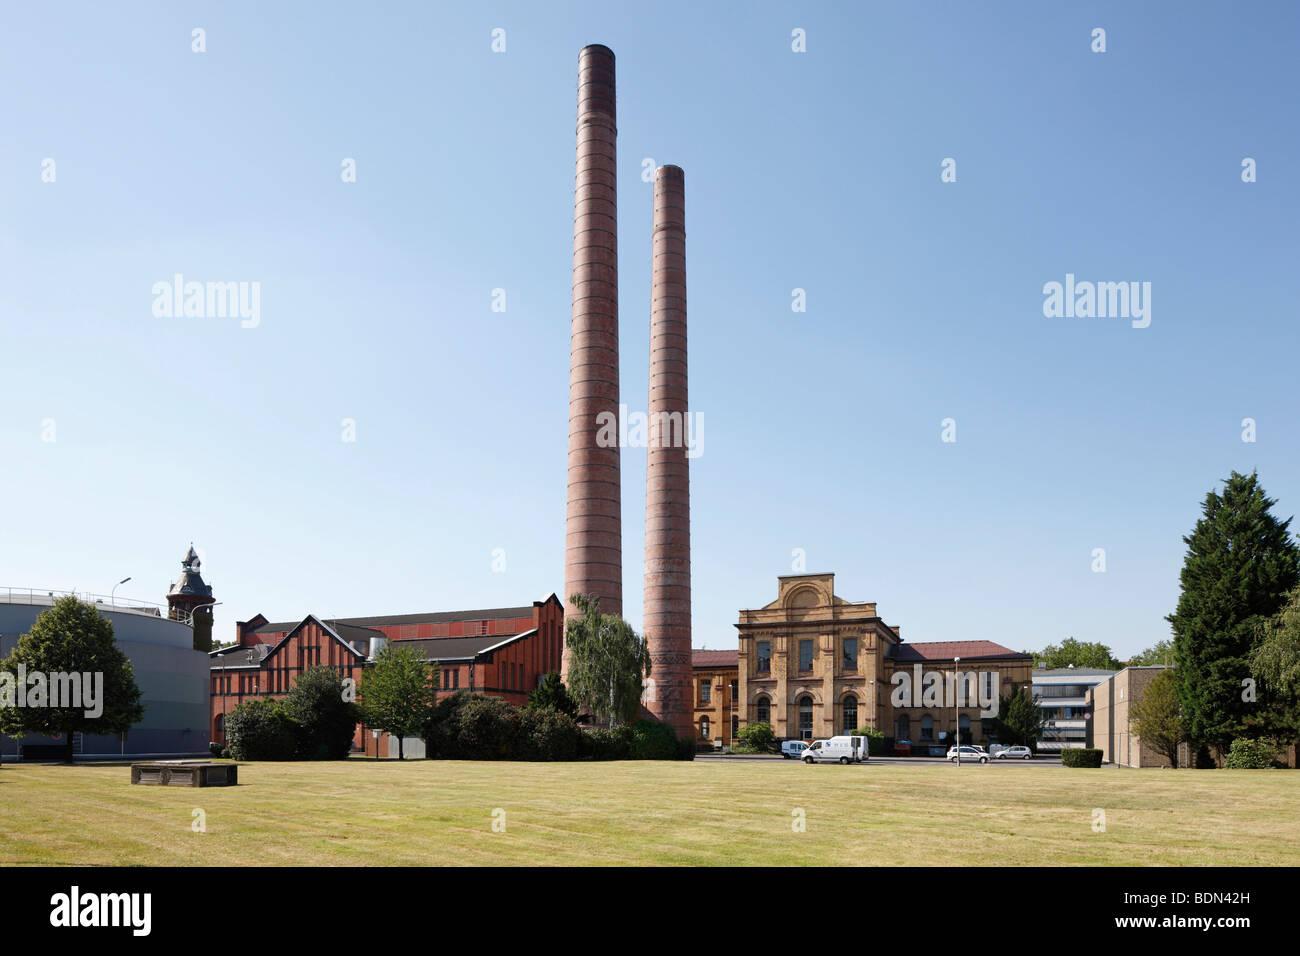 Köln, Wasser- und Elektrizitätswerk am Zugweg, Gebäudeensemble mit Schornsteinen Stock Photo